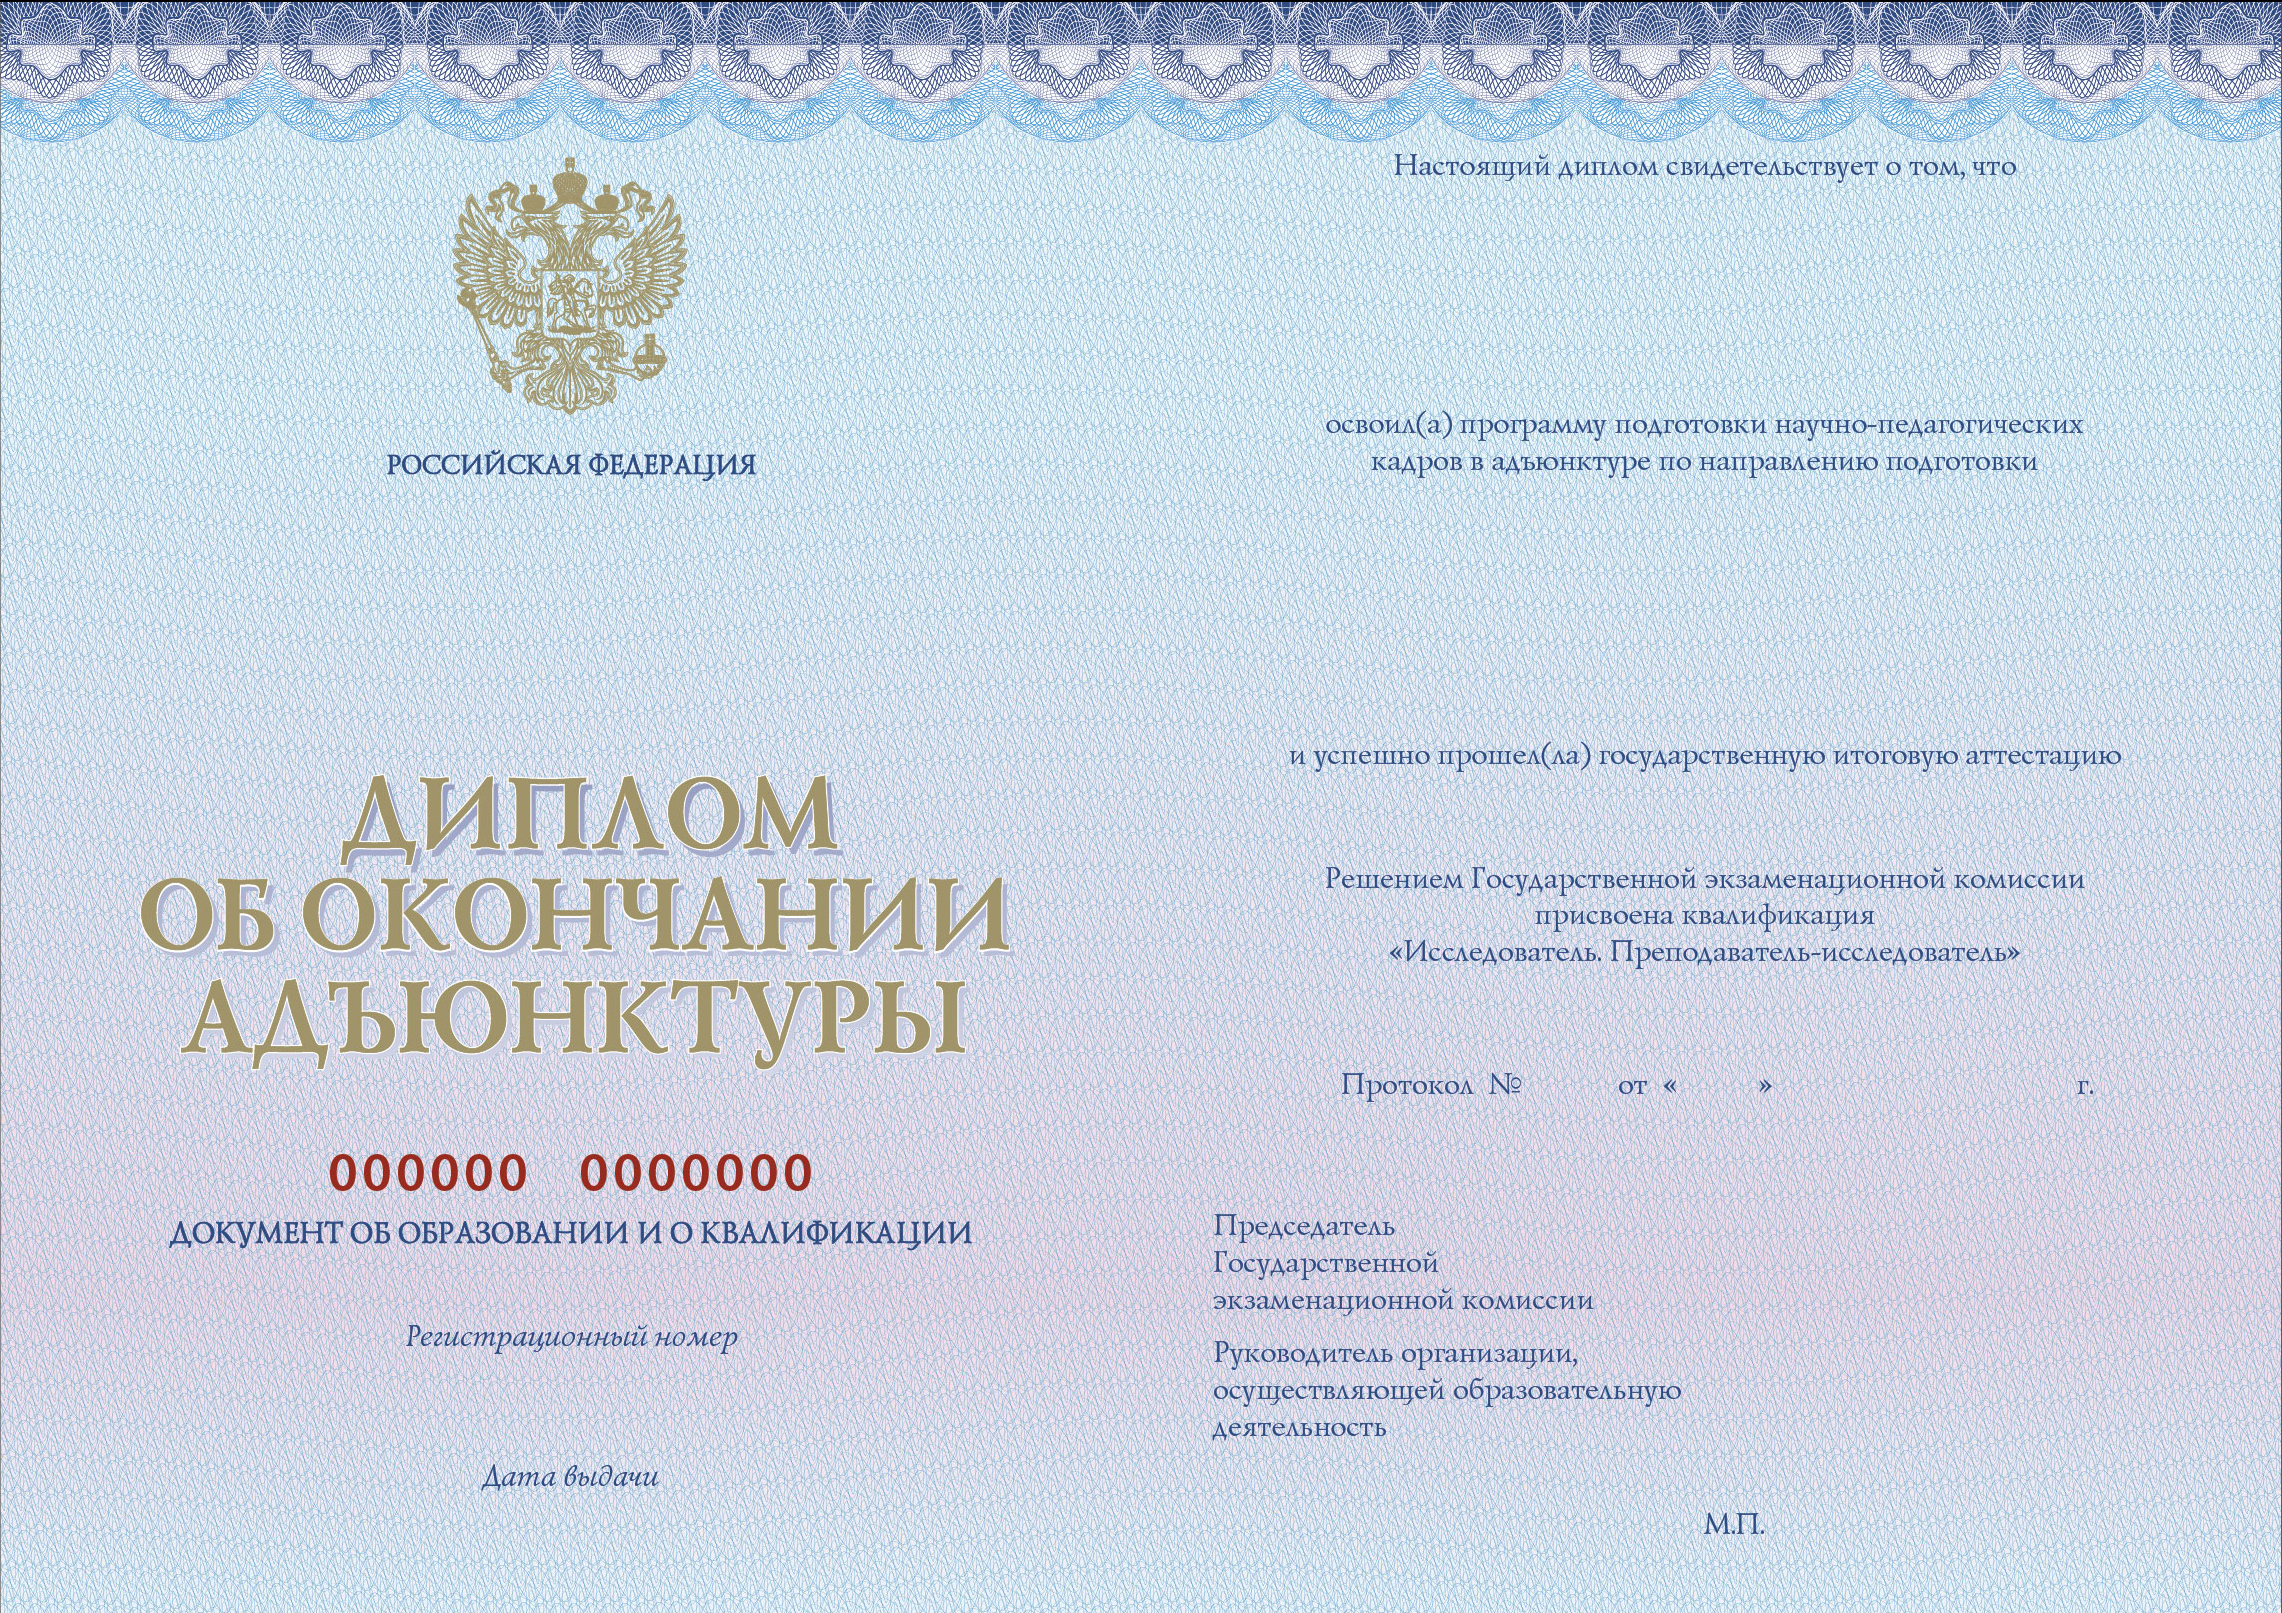 Бланки дипломов аспиранта ординатора интерна Купить бланк диплома адъюнкта Заказать бланки диплома адъюнкта